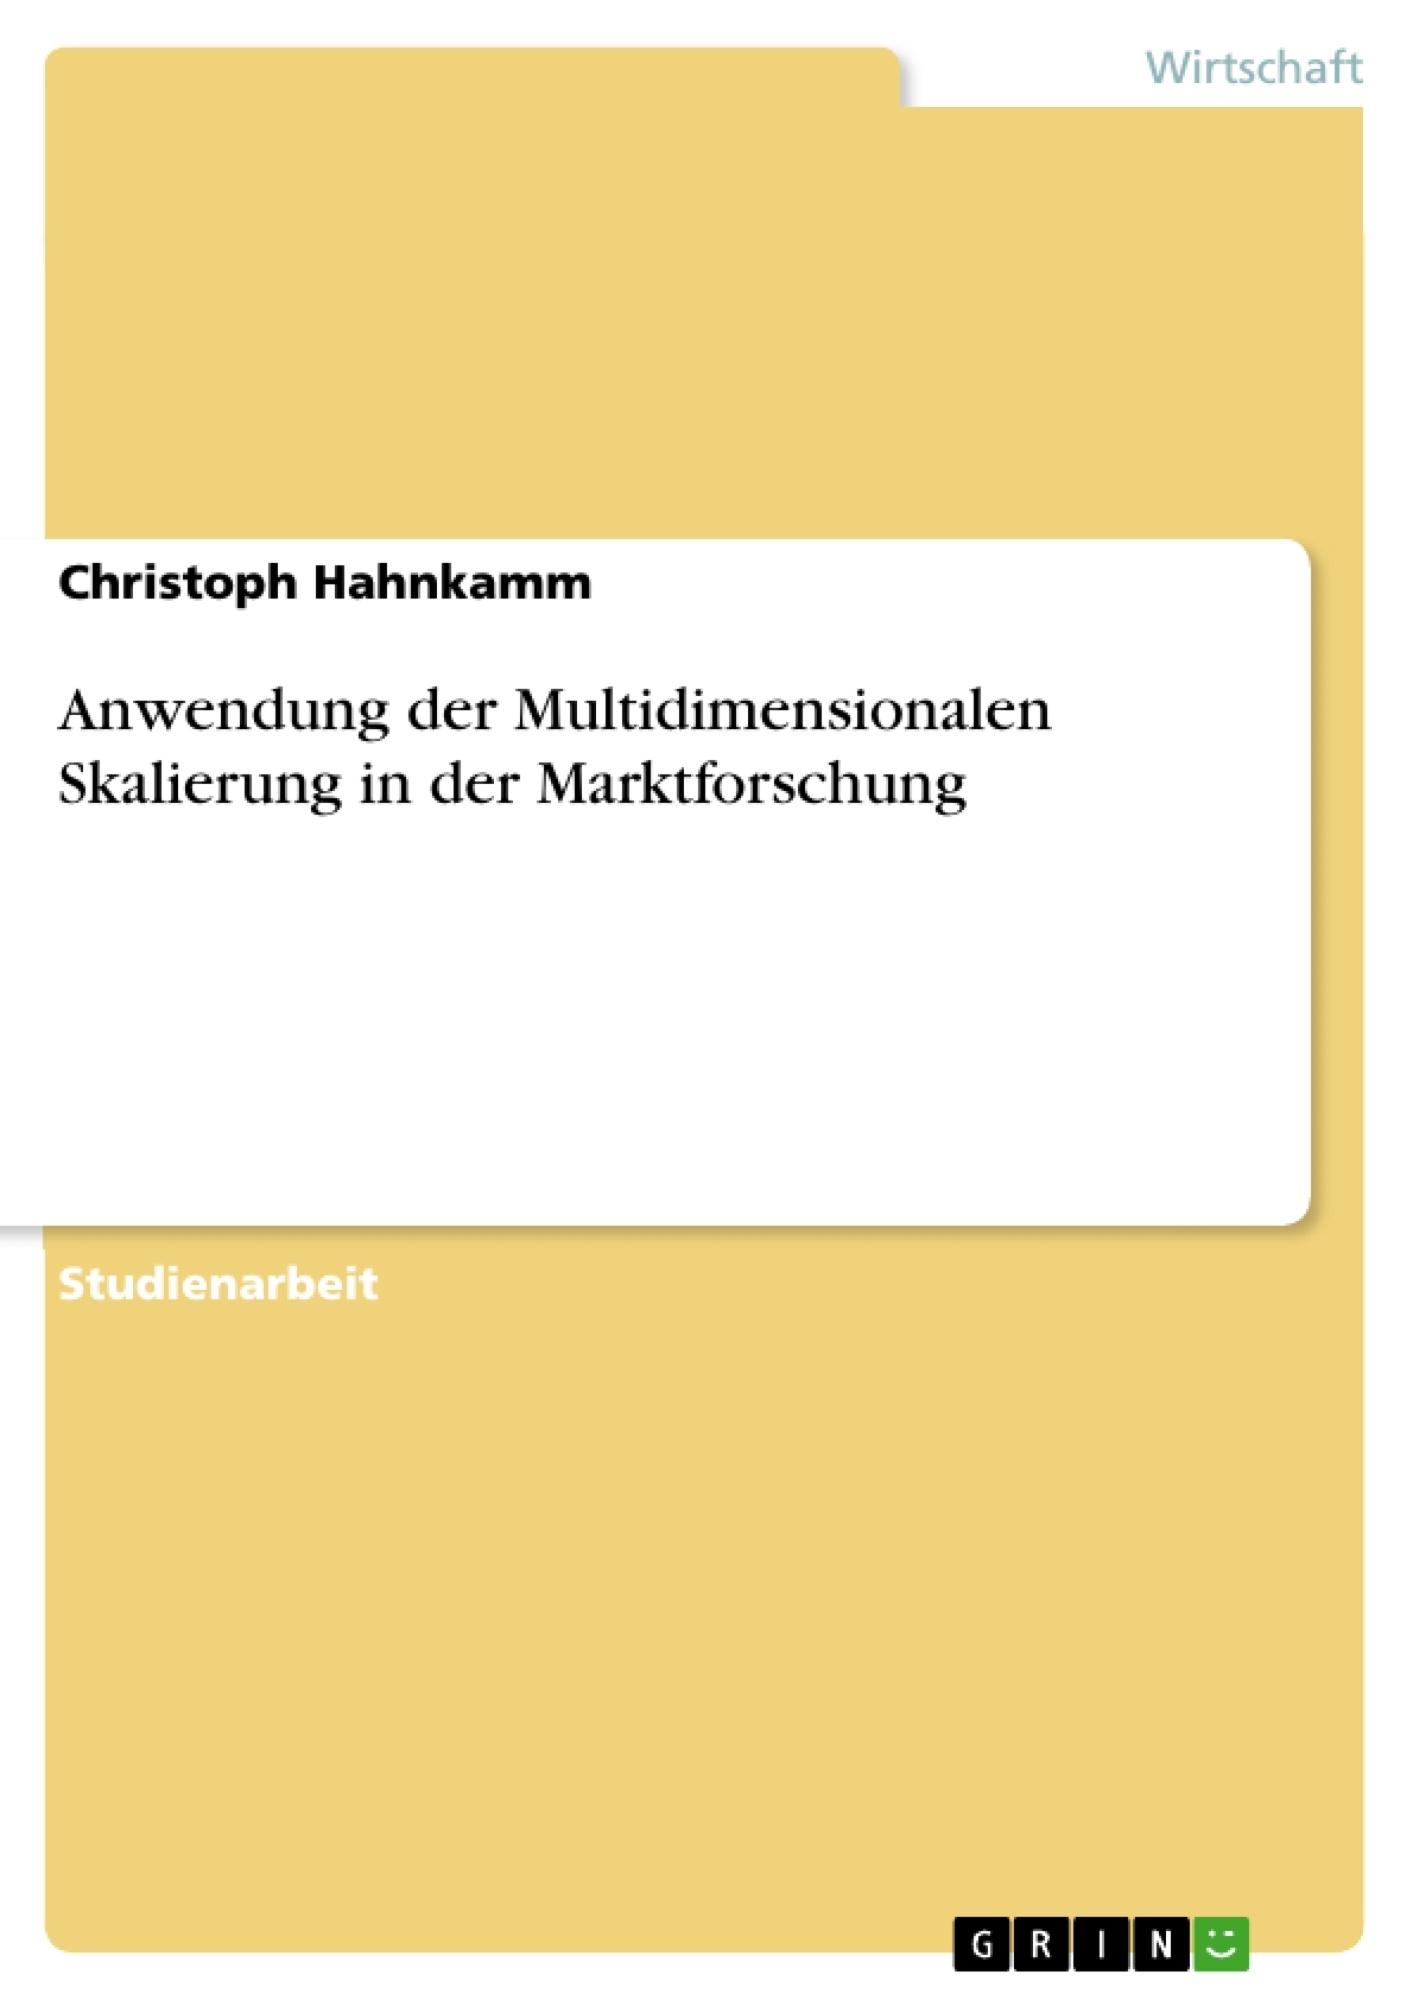 Titel: Anwendung der Multidimensionalen Skalierung in der Marktforschung